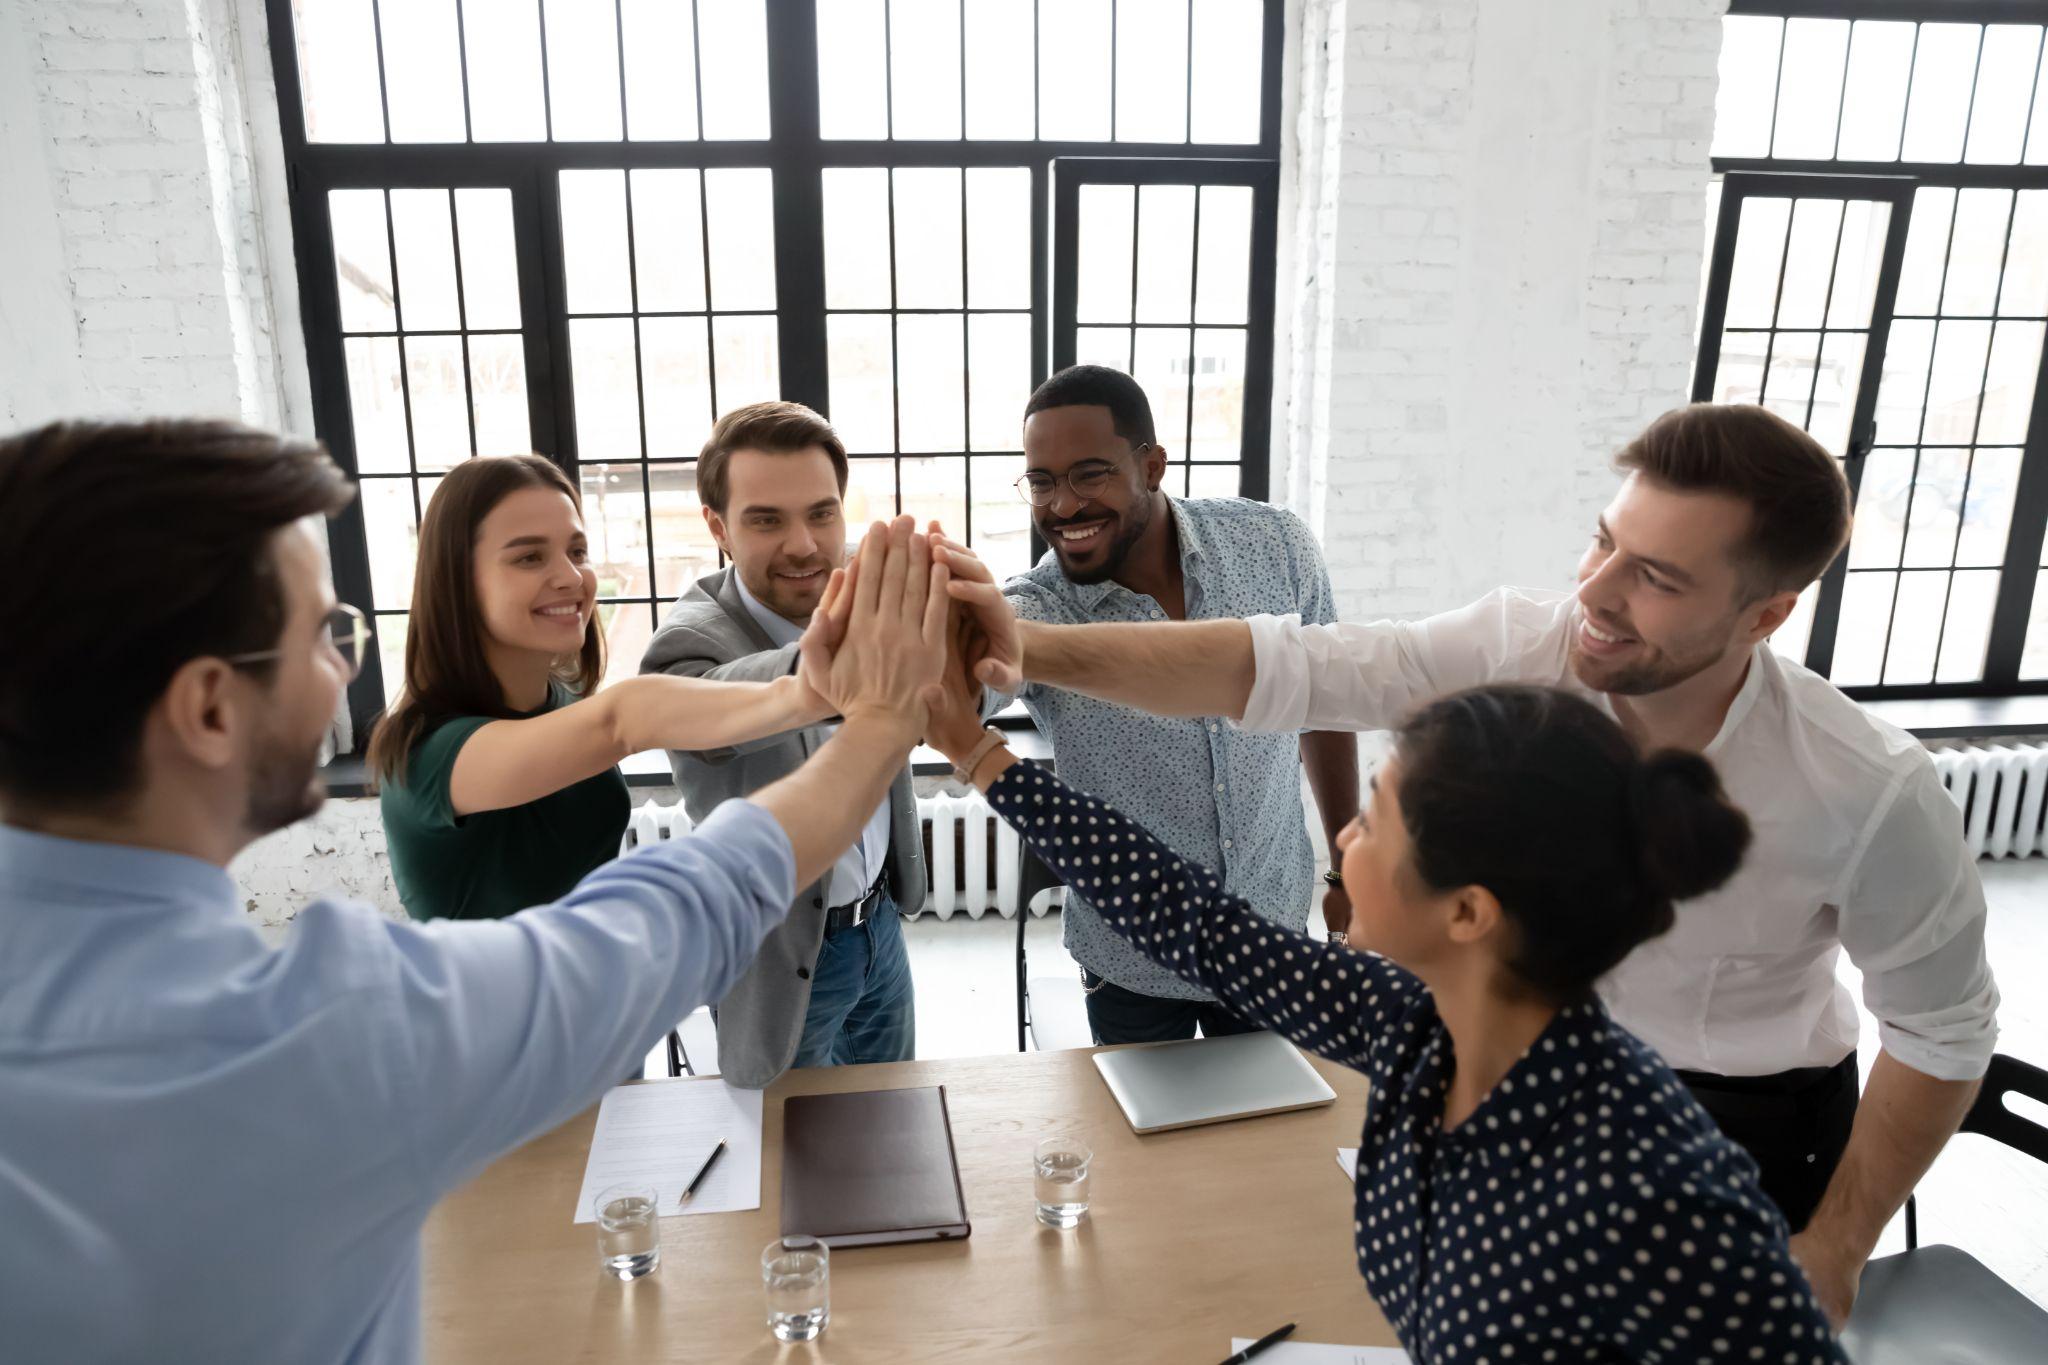 Qual-é-a-importância-do-recrutamento-e-seleção-de-pessoas-para-uma-empresa